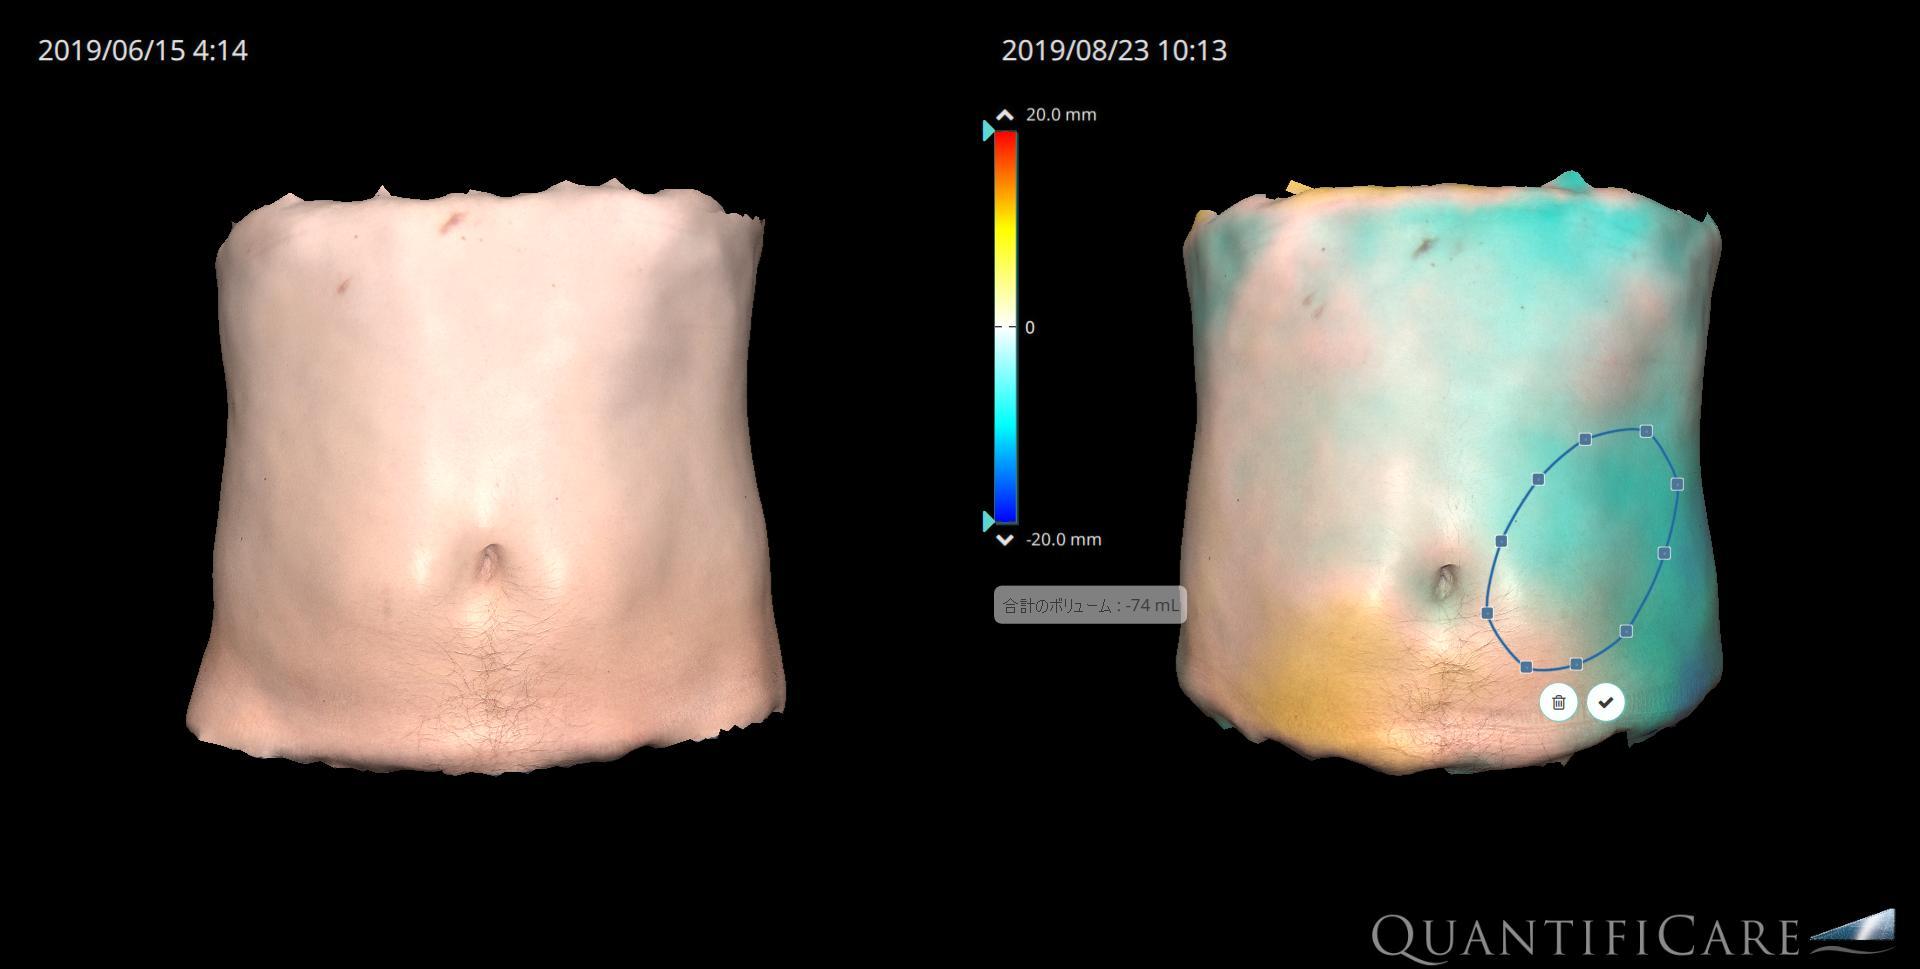 クールスカルプティング施術前後の脂肪量の変化